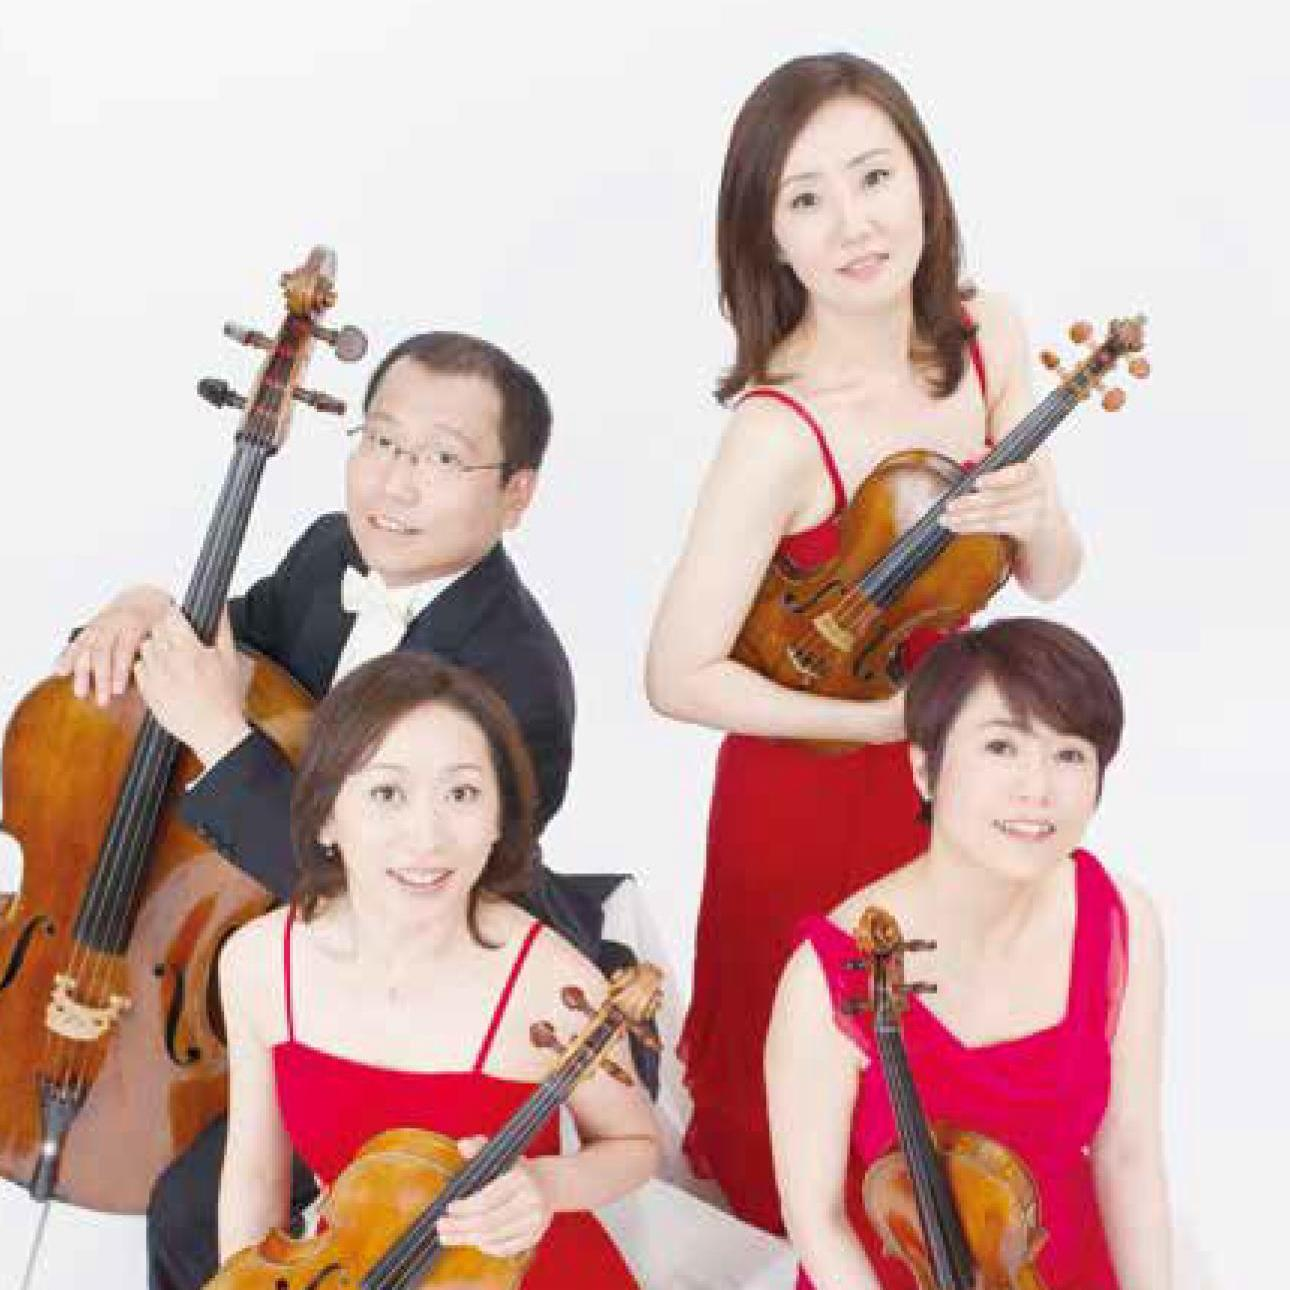 クァルテット・エクセルシオ(弦楽四重奏)Quartet Excelsior